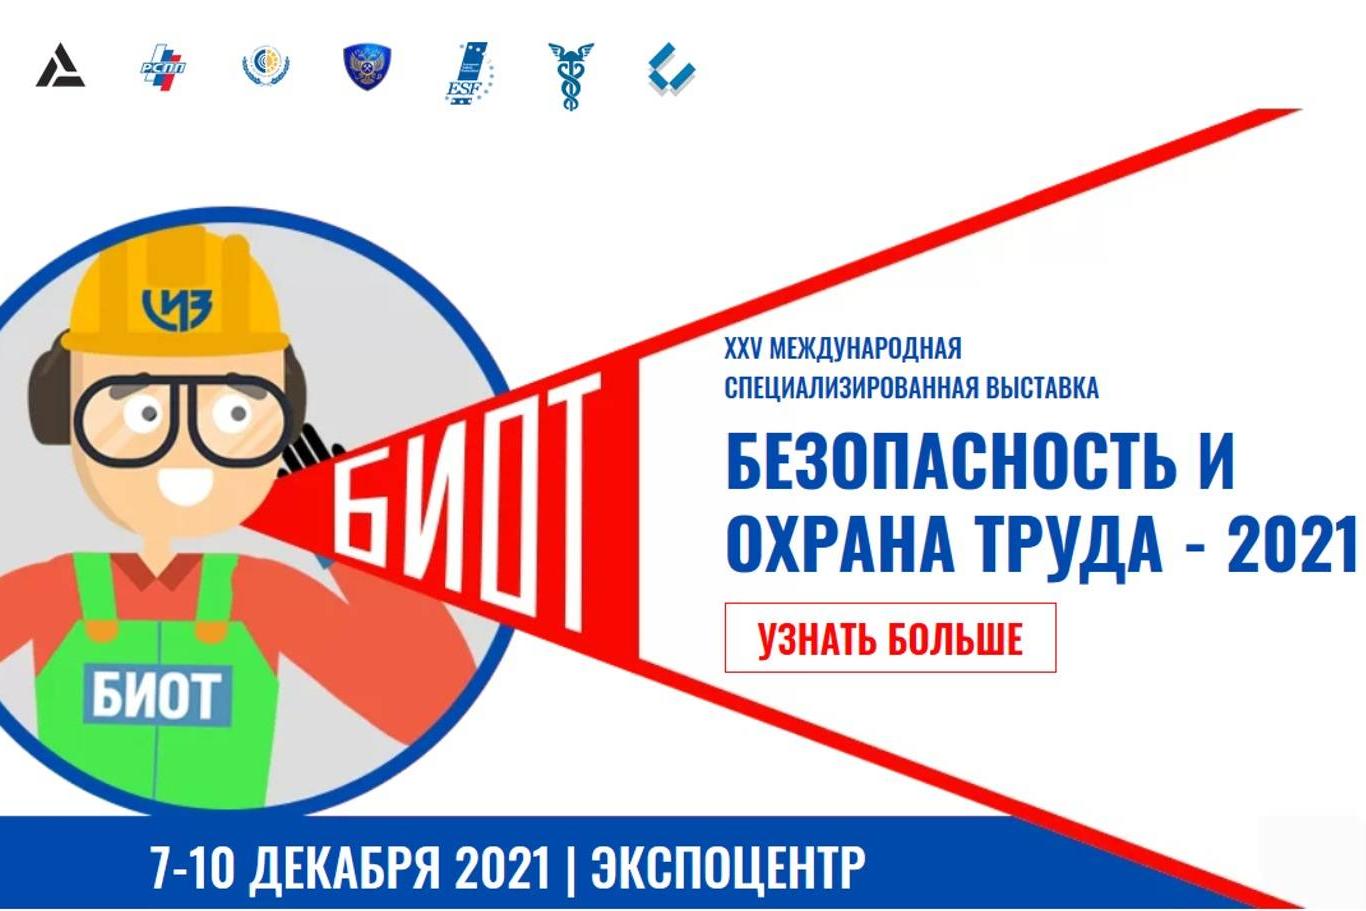 Северян приглашают к участию в международной специализированной выставке по безопасности труда